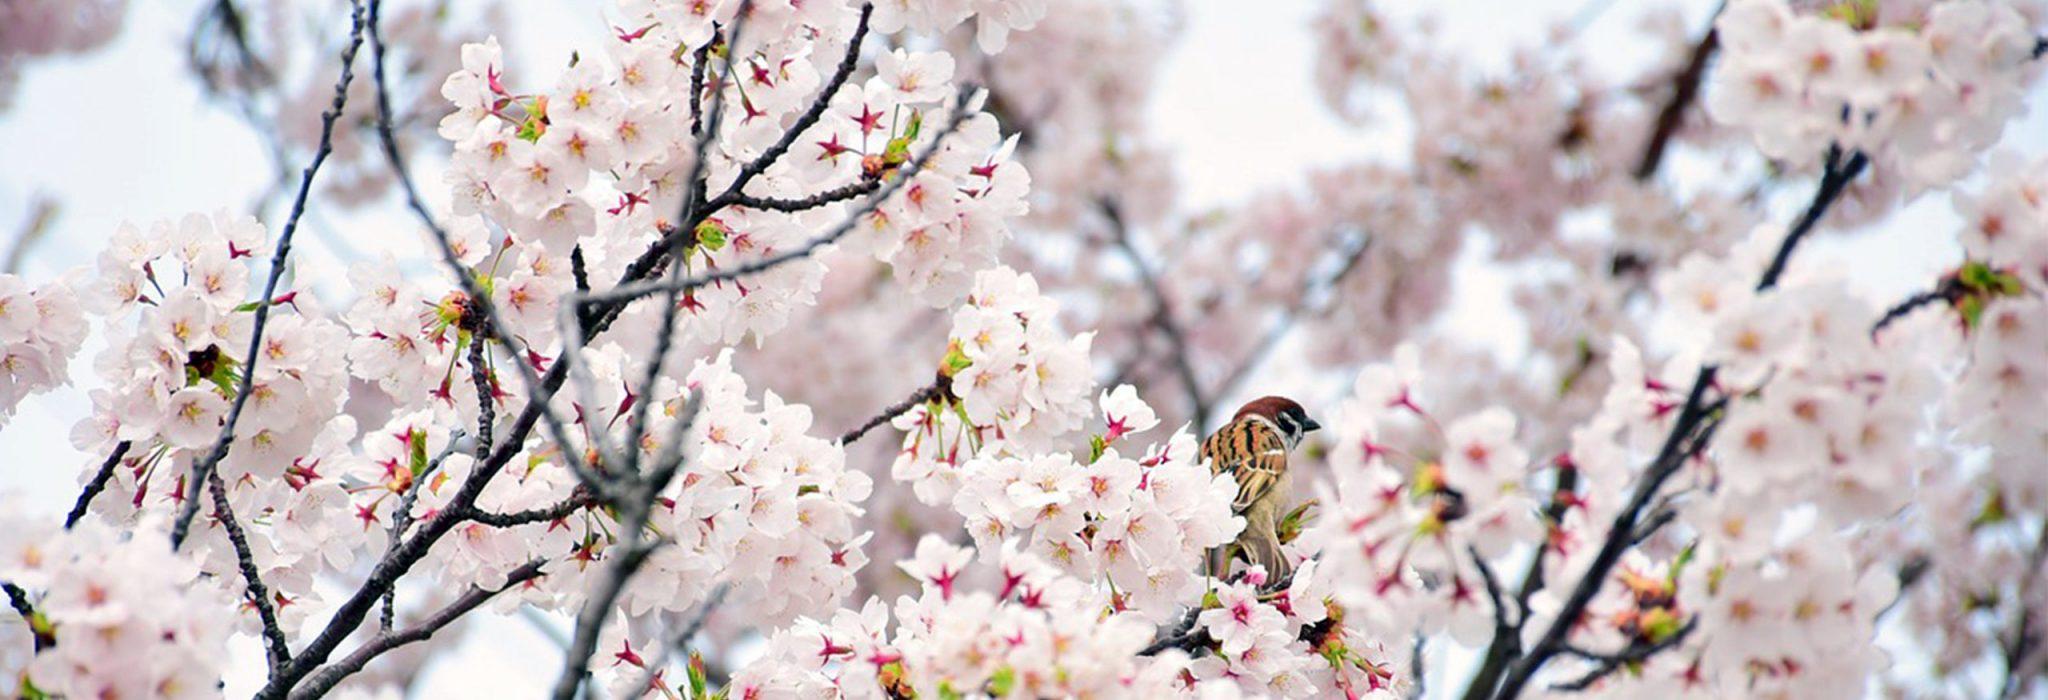 cherry blossom slide image